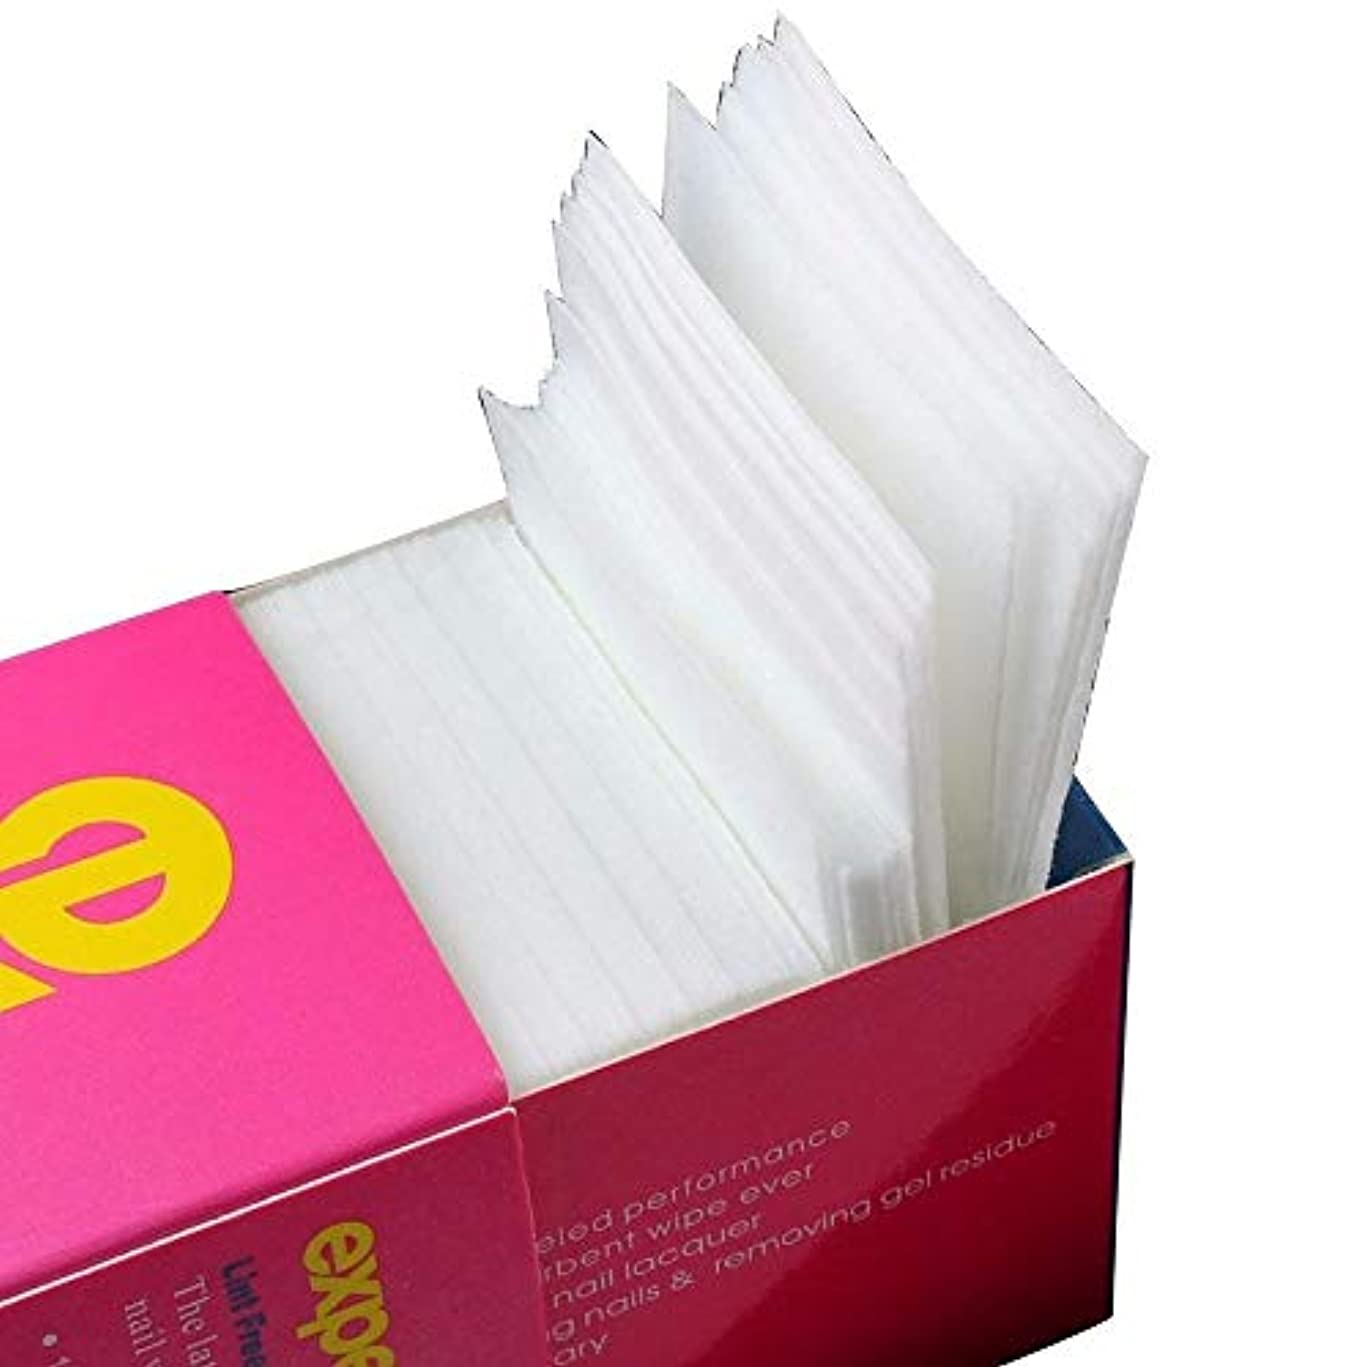 意図する規制センサー1st market 大人気 ネイル ワイプ コットン 天然素材 不織布 ジェルの拭き取り 油分除去 クリーニング 320枚以上 高品質